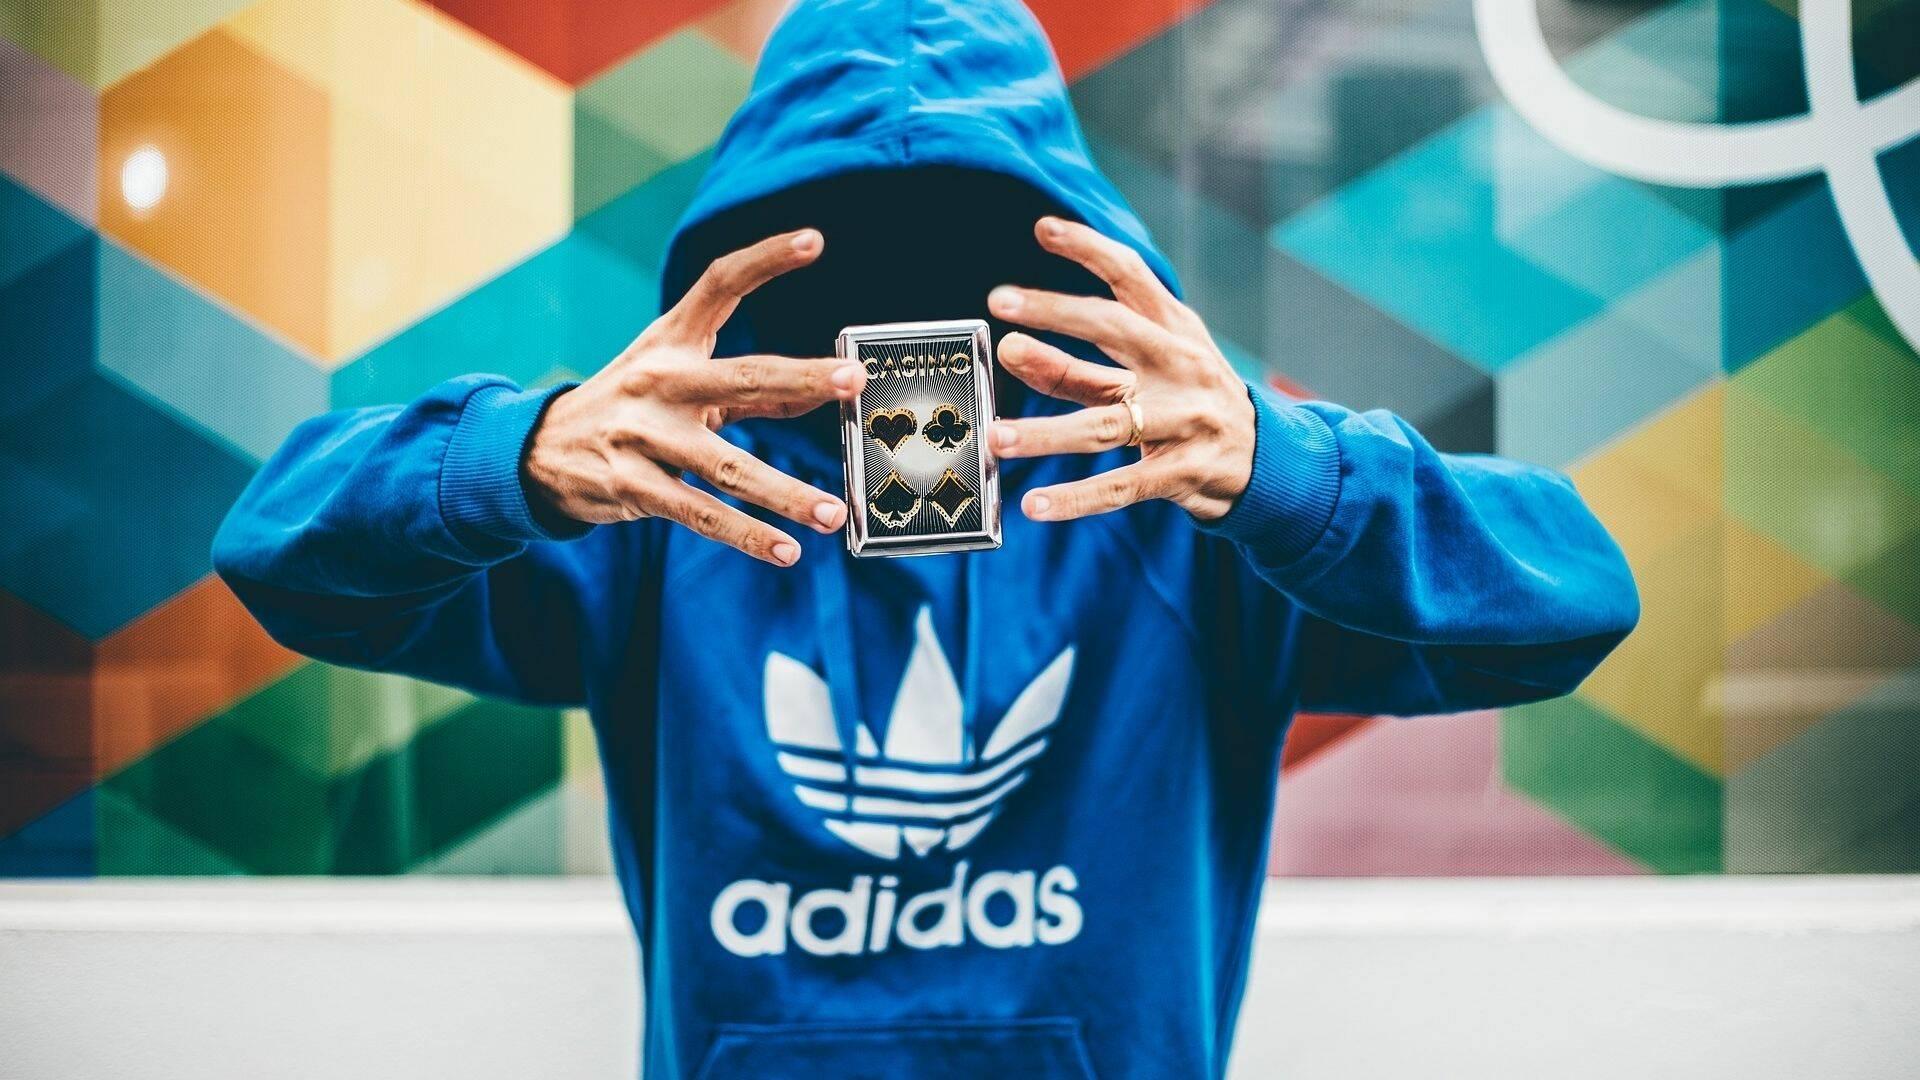 Amazon Adidas